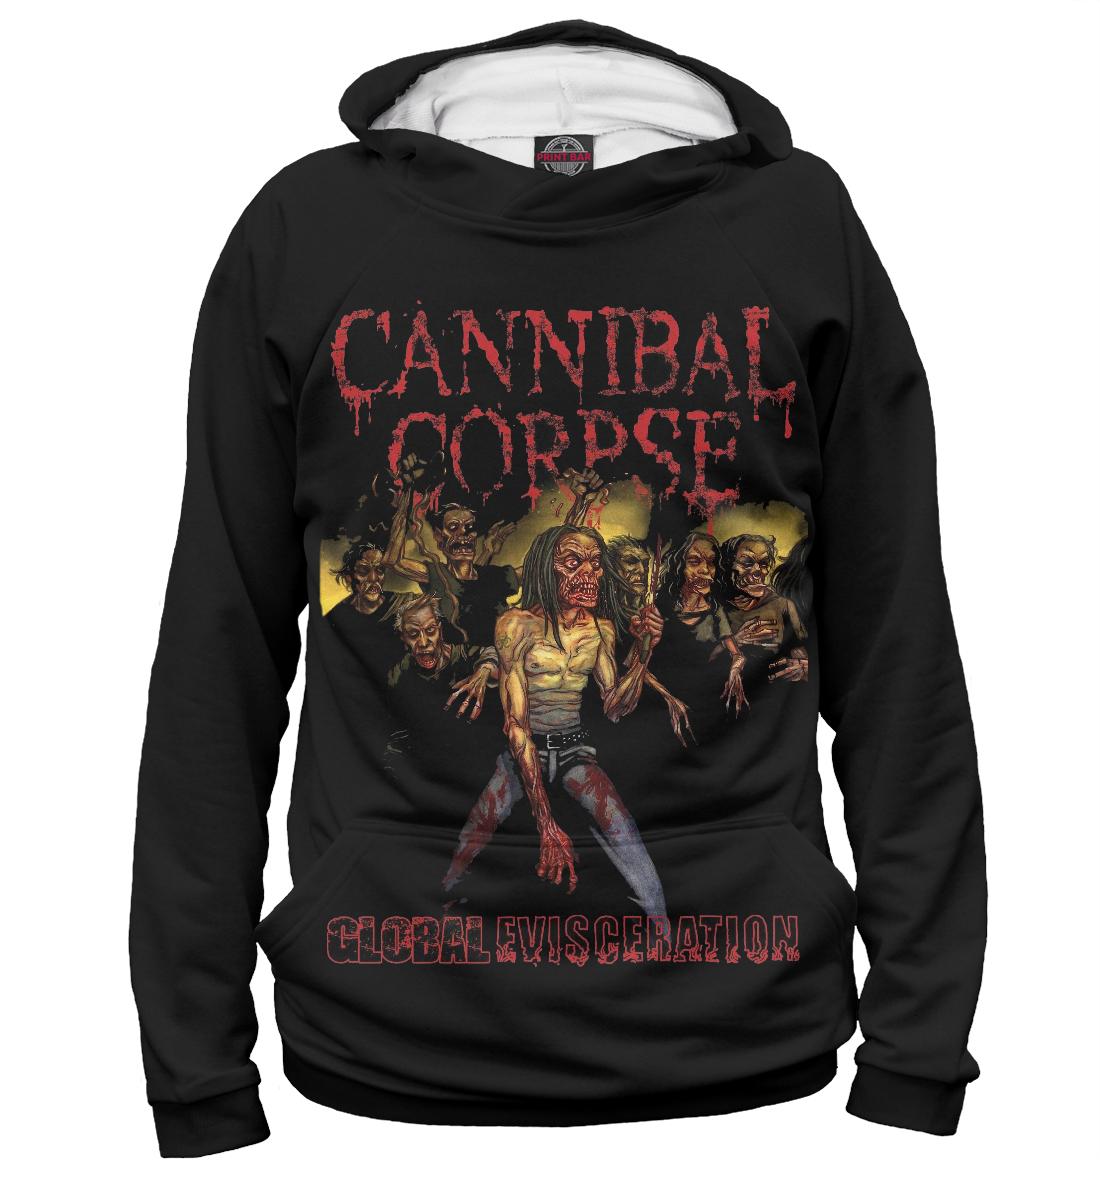 Купить Cannibal Corpse, Printbar, Худи, CCR-571972-hud-2